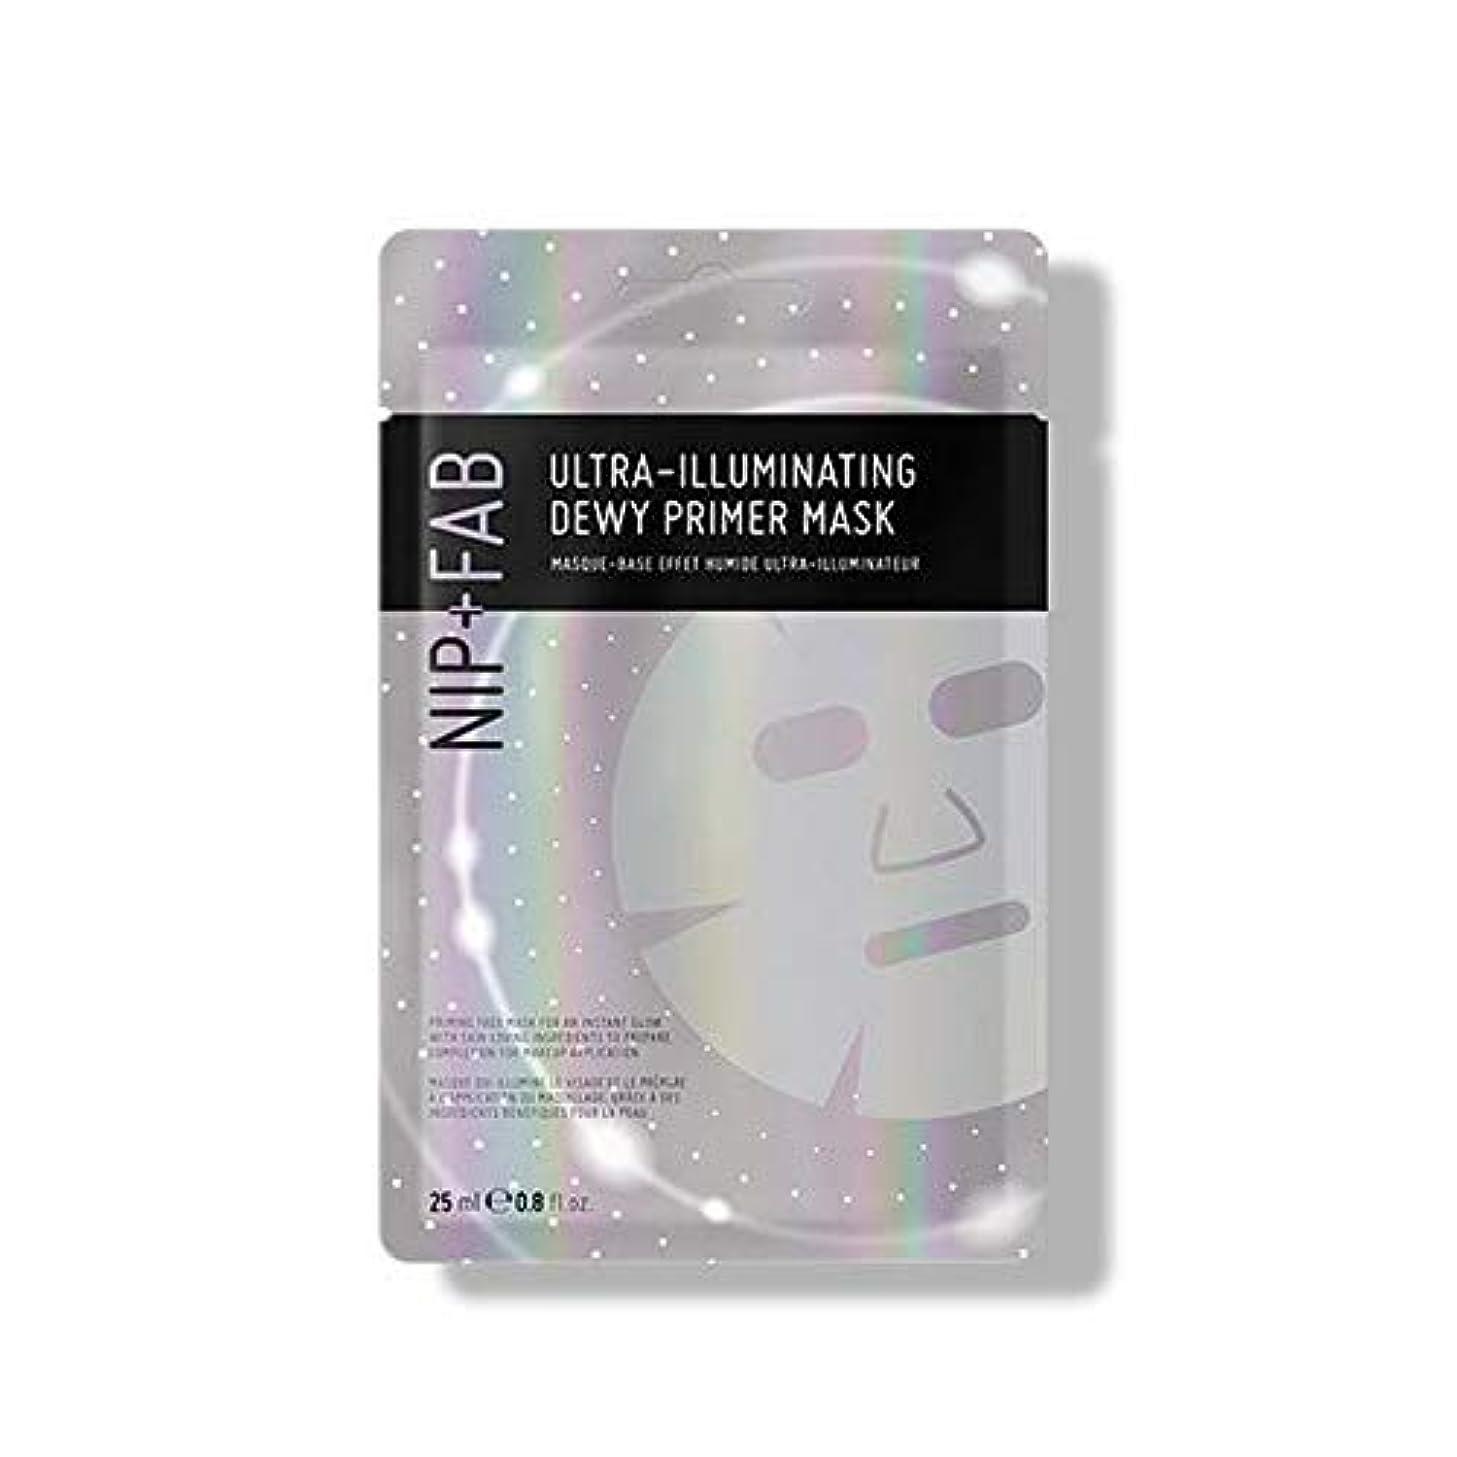 努力アーティキュレーション虫を数える[Nip & Fab] 超照明結露プライマーマスク25ミリリットルを作るFab +ニップ - NIP+FAB Make Up Ultra-Illuminating Dewy Primer Mask 25ml [並行輸入品]